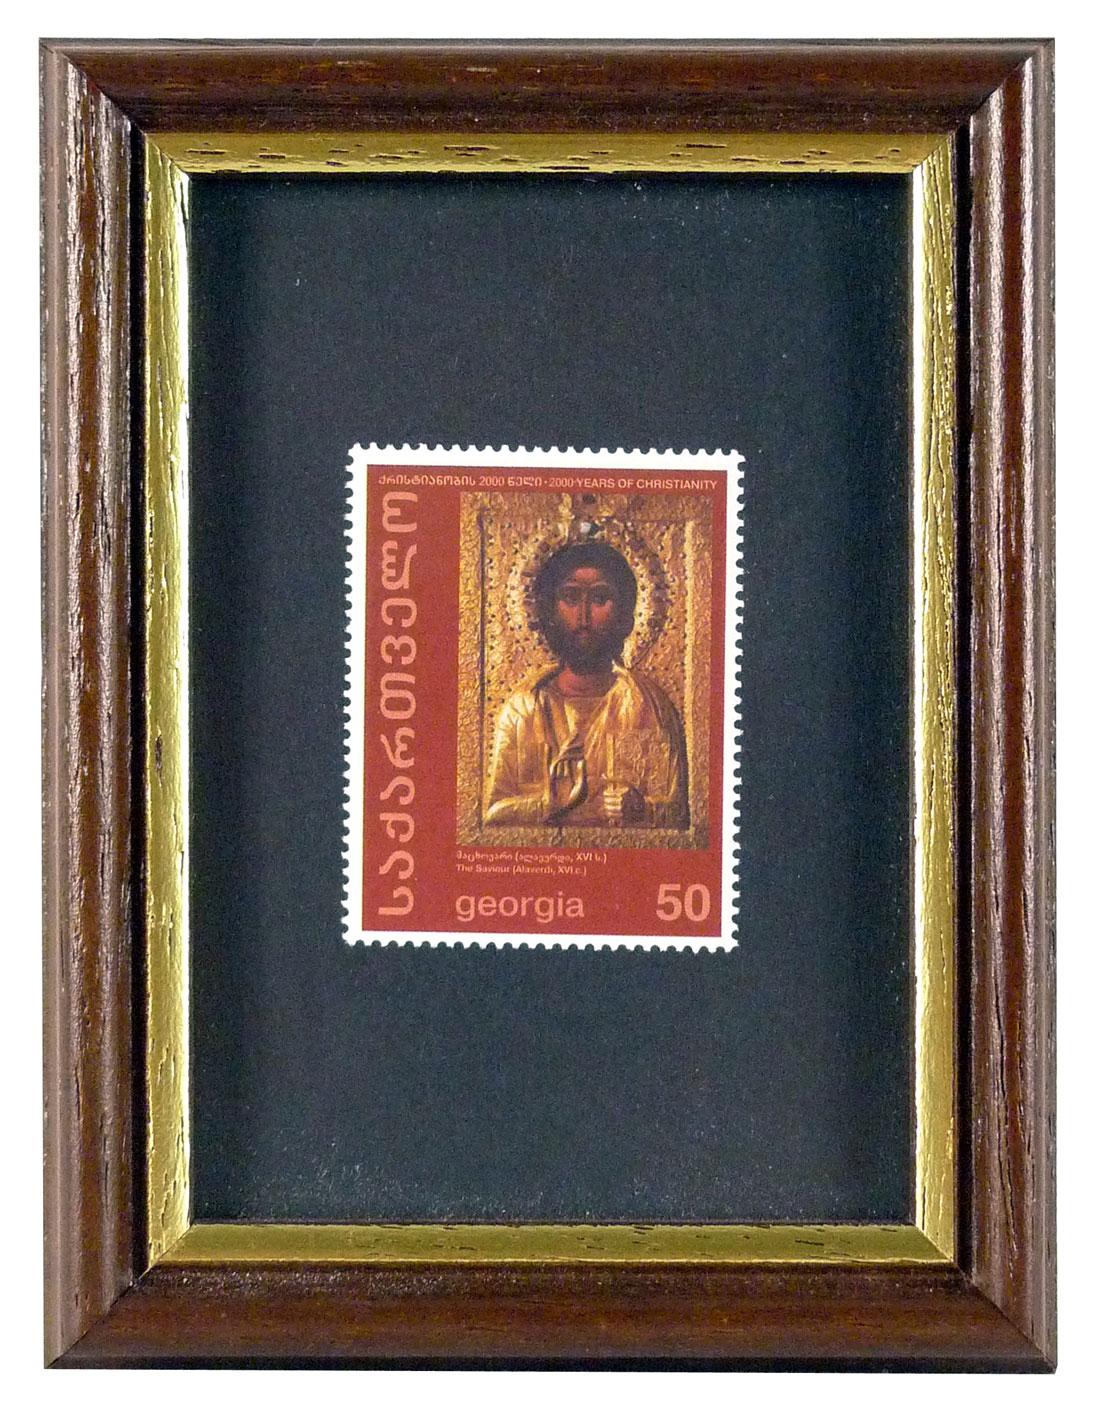 Briefmarke mit Jesus aus Georgien